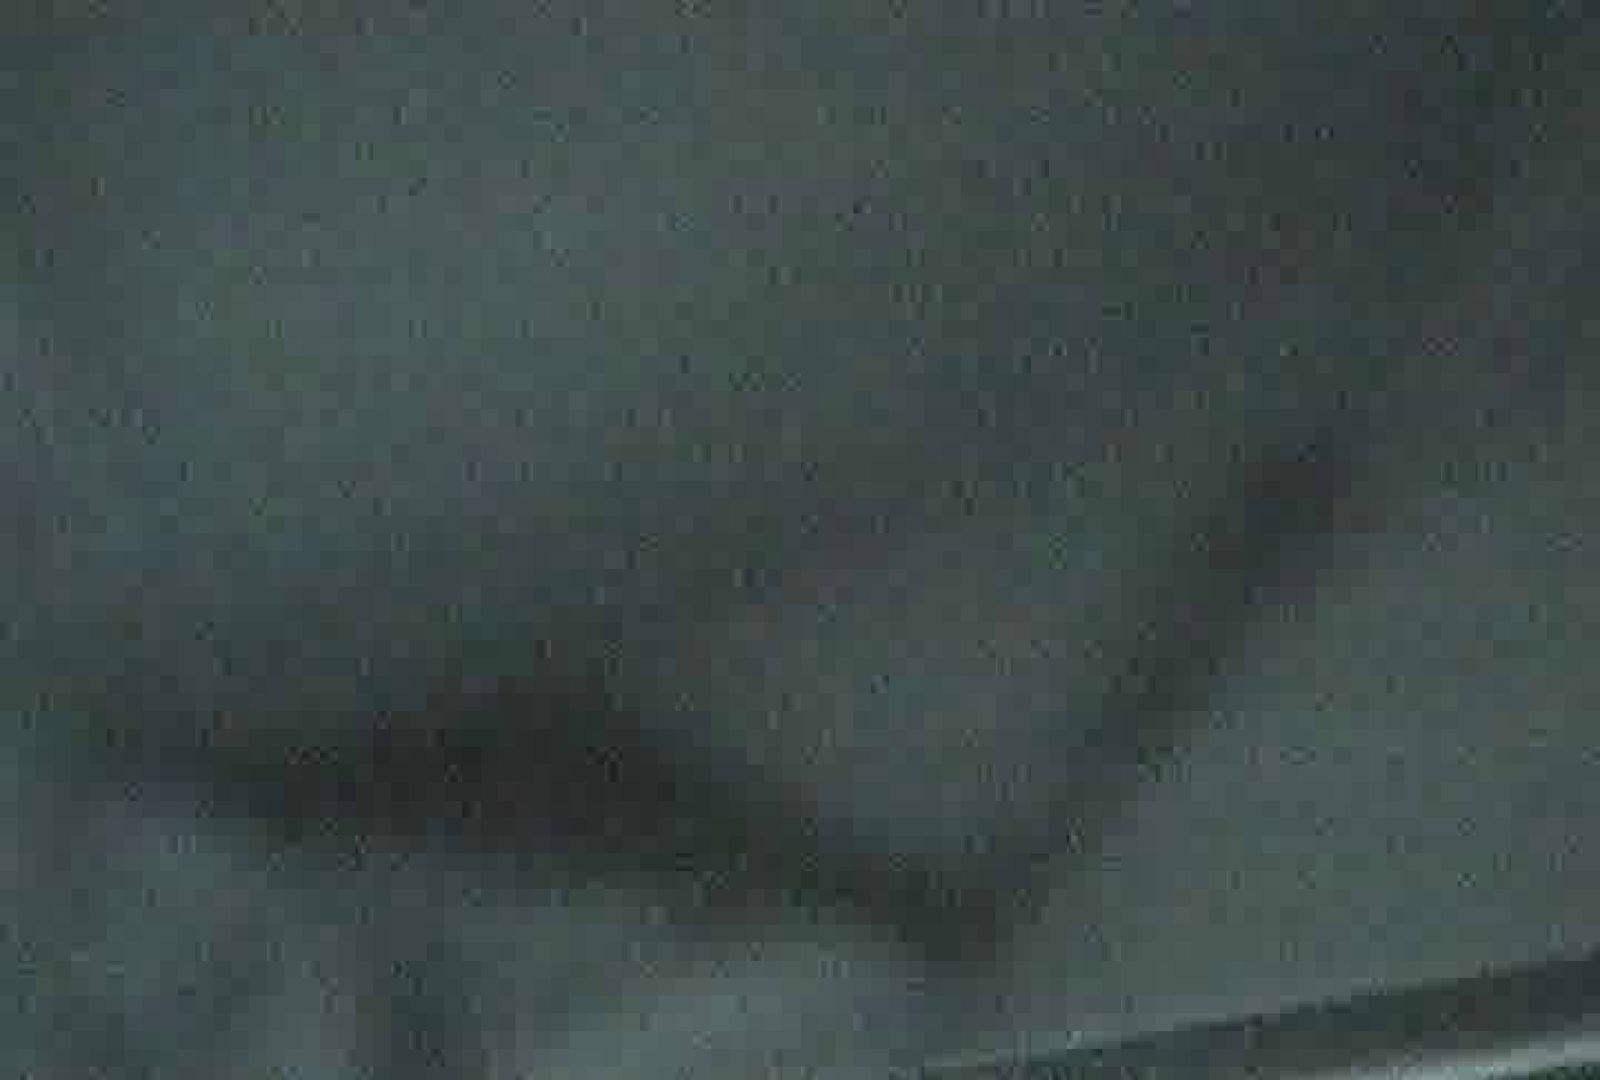 充血監督の深夜の運動会Vol.95 エロティックなOL   車の中のカップル  77画像 5